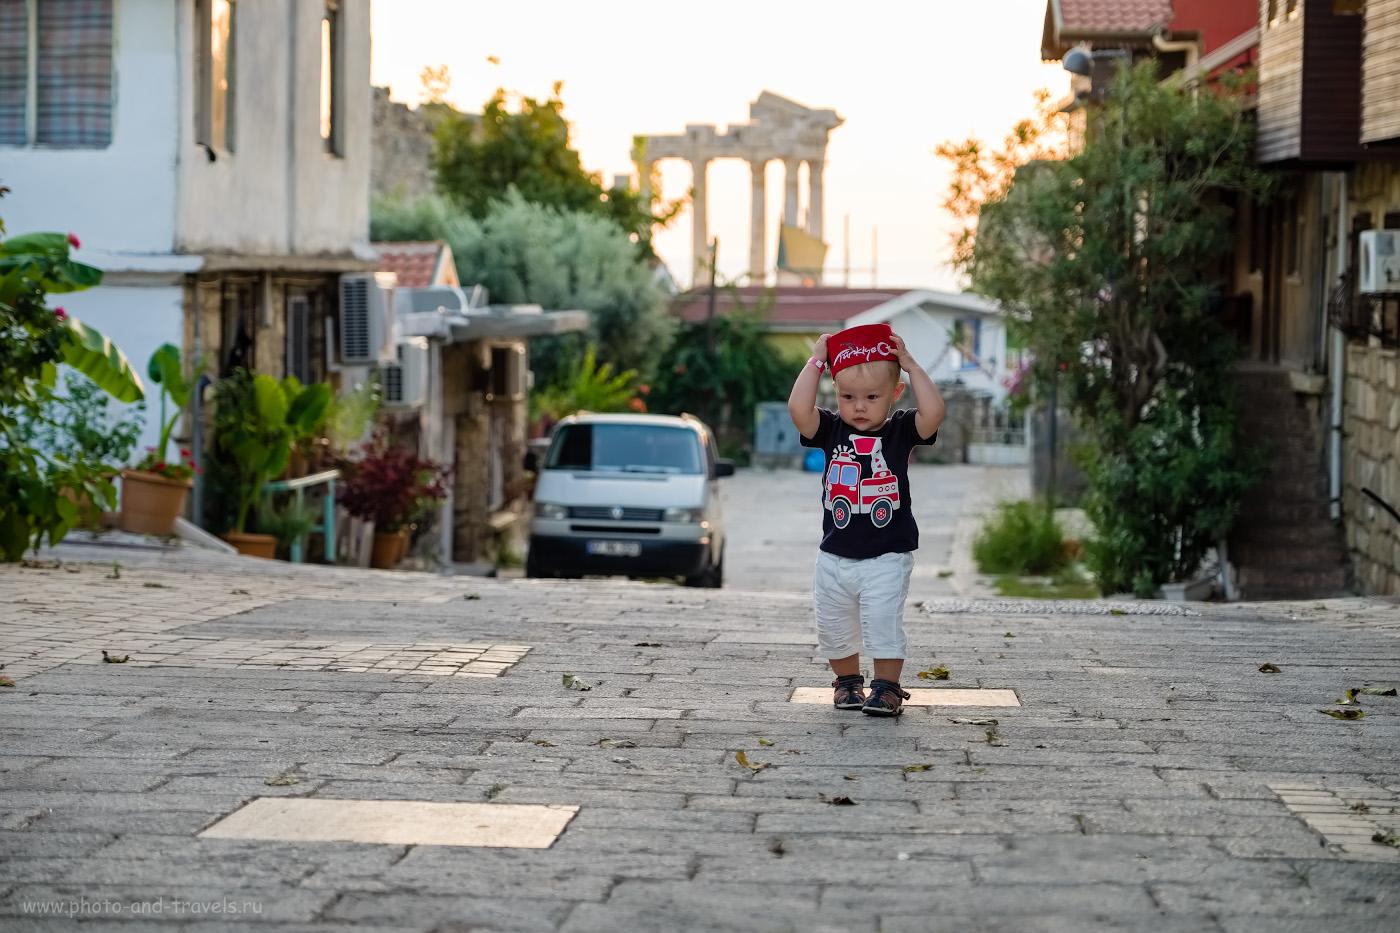 Снимок 17. Наш маленький бог на фоне храма Аполлона в Сиде. Отзывы о самостоятельных экскурсиях в Анталии с детьми. 1/180, 2.8, 200, -0.33, 55.